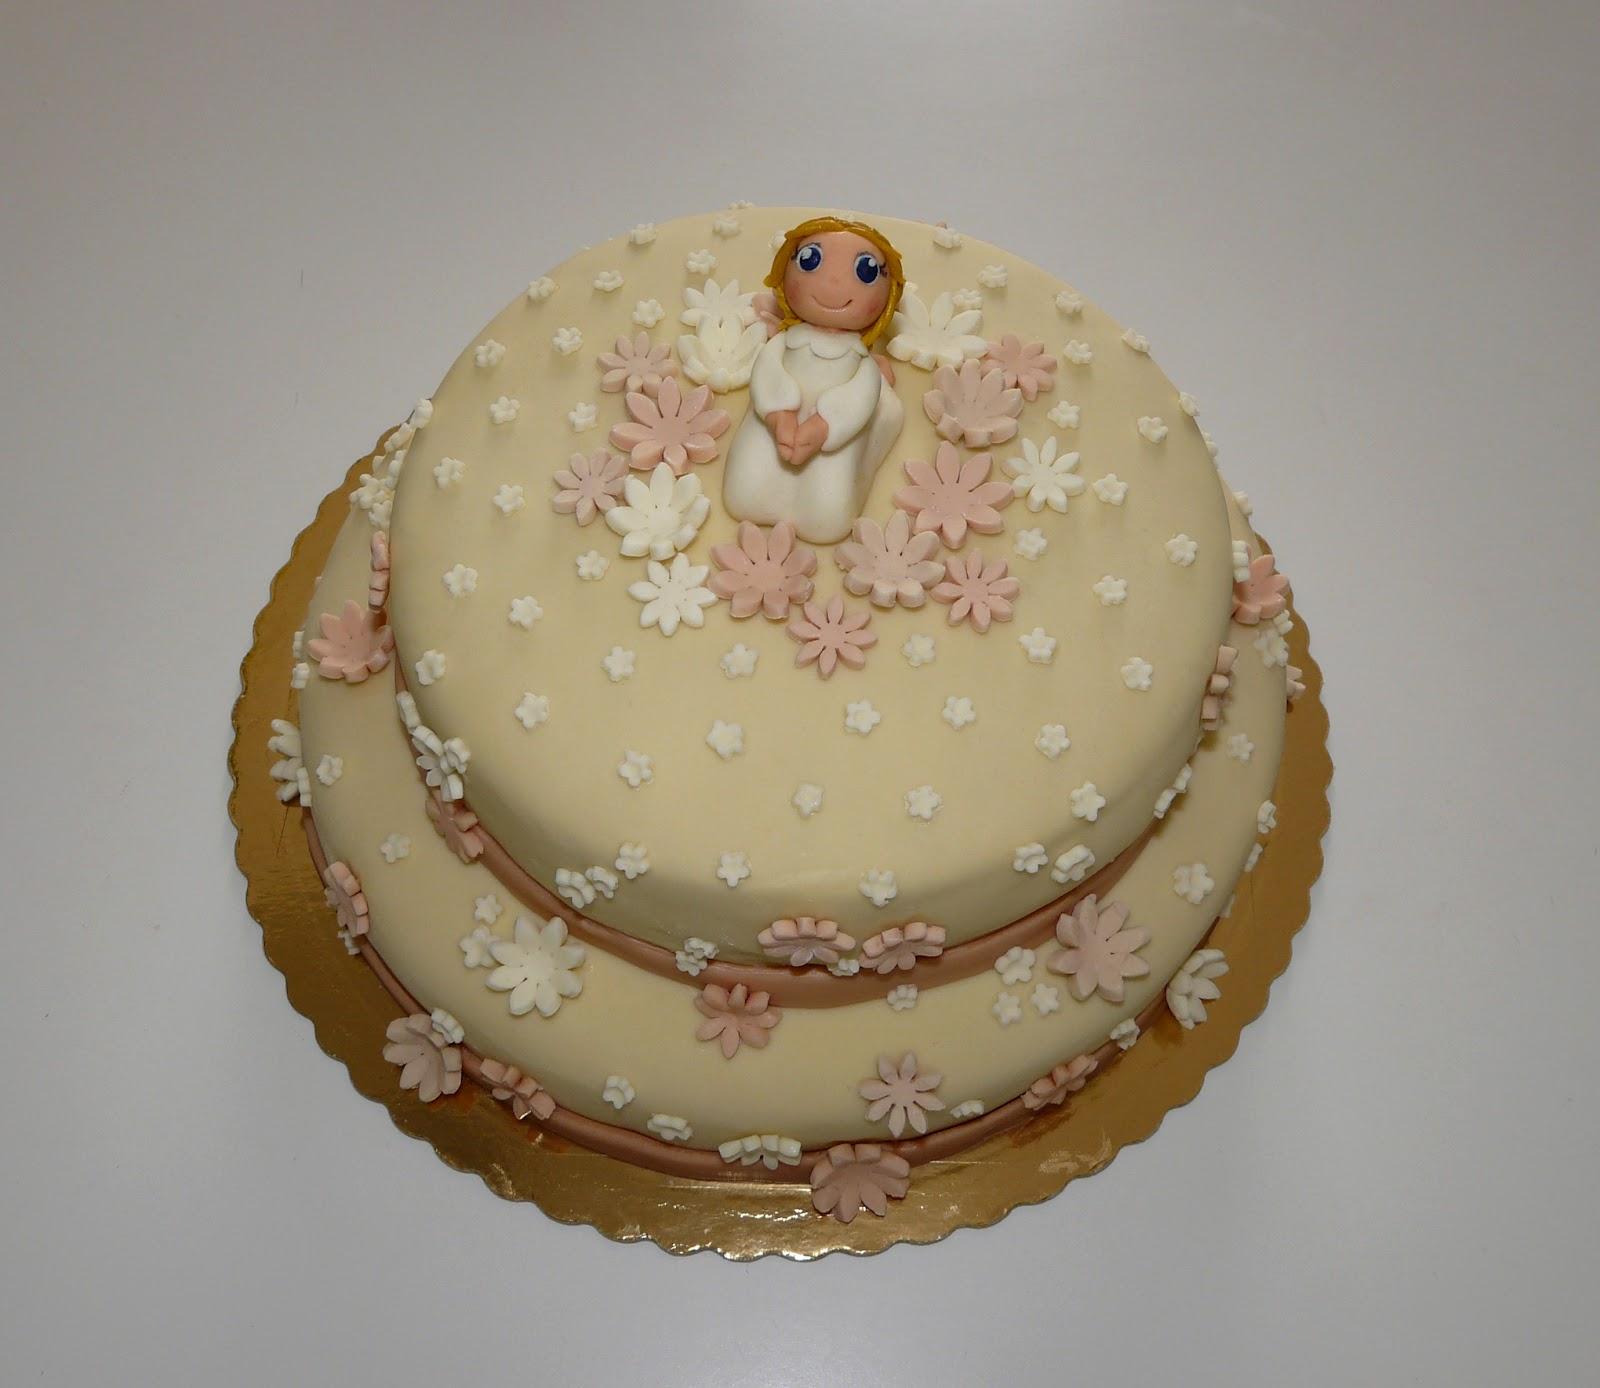 Conosciuto La Cucina di Anita: Una torta di Prima Comunione QG33